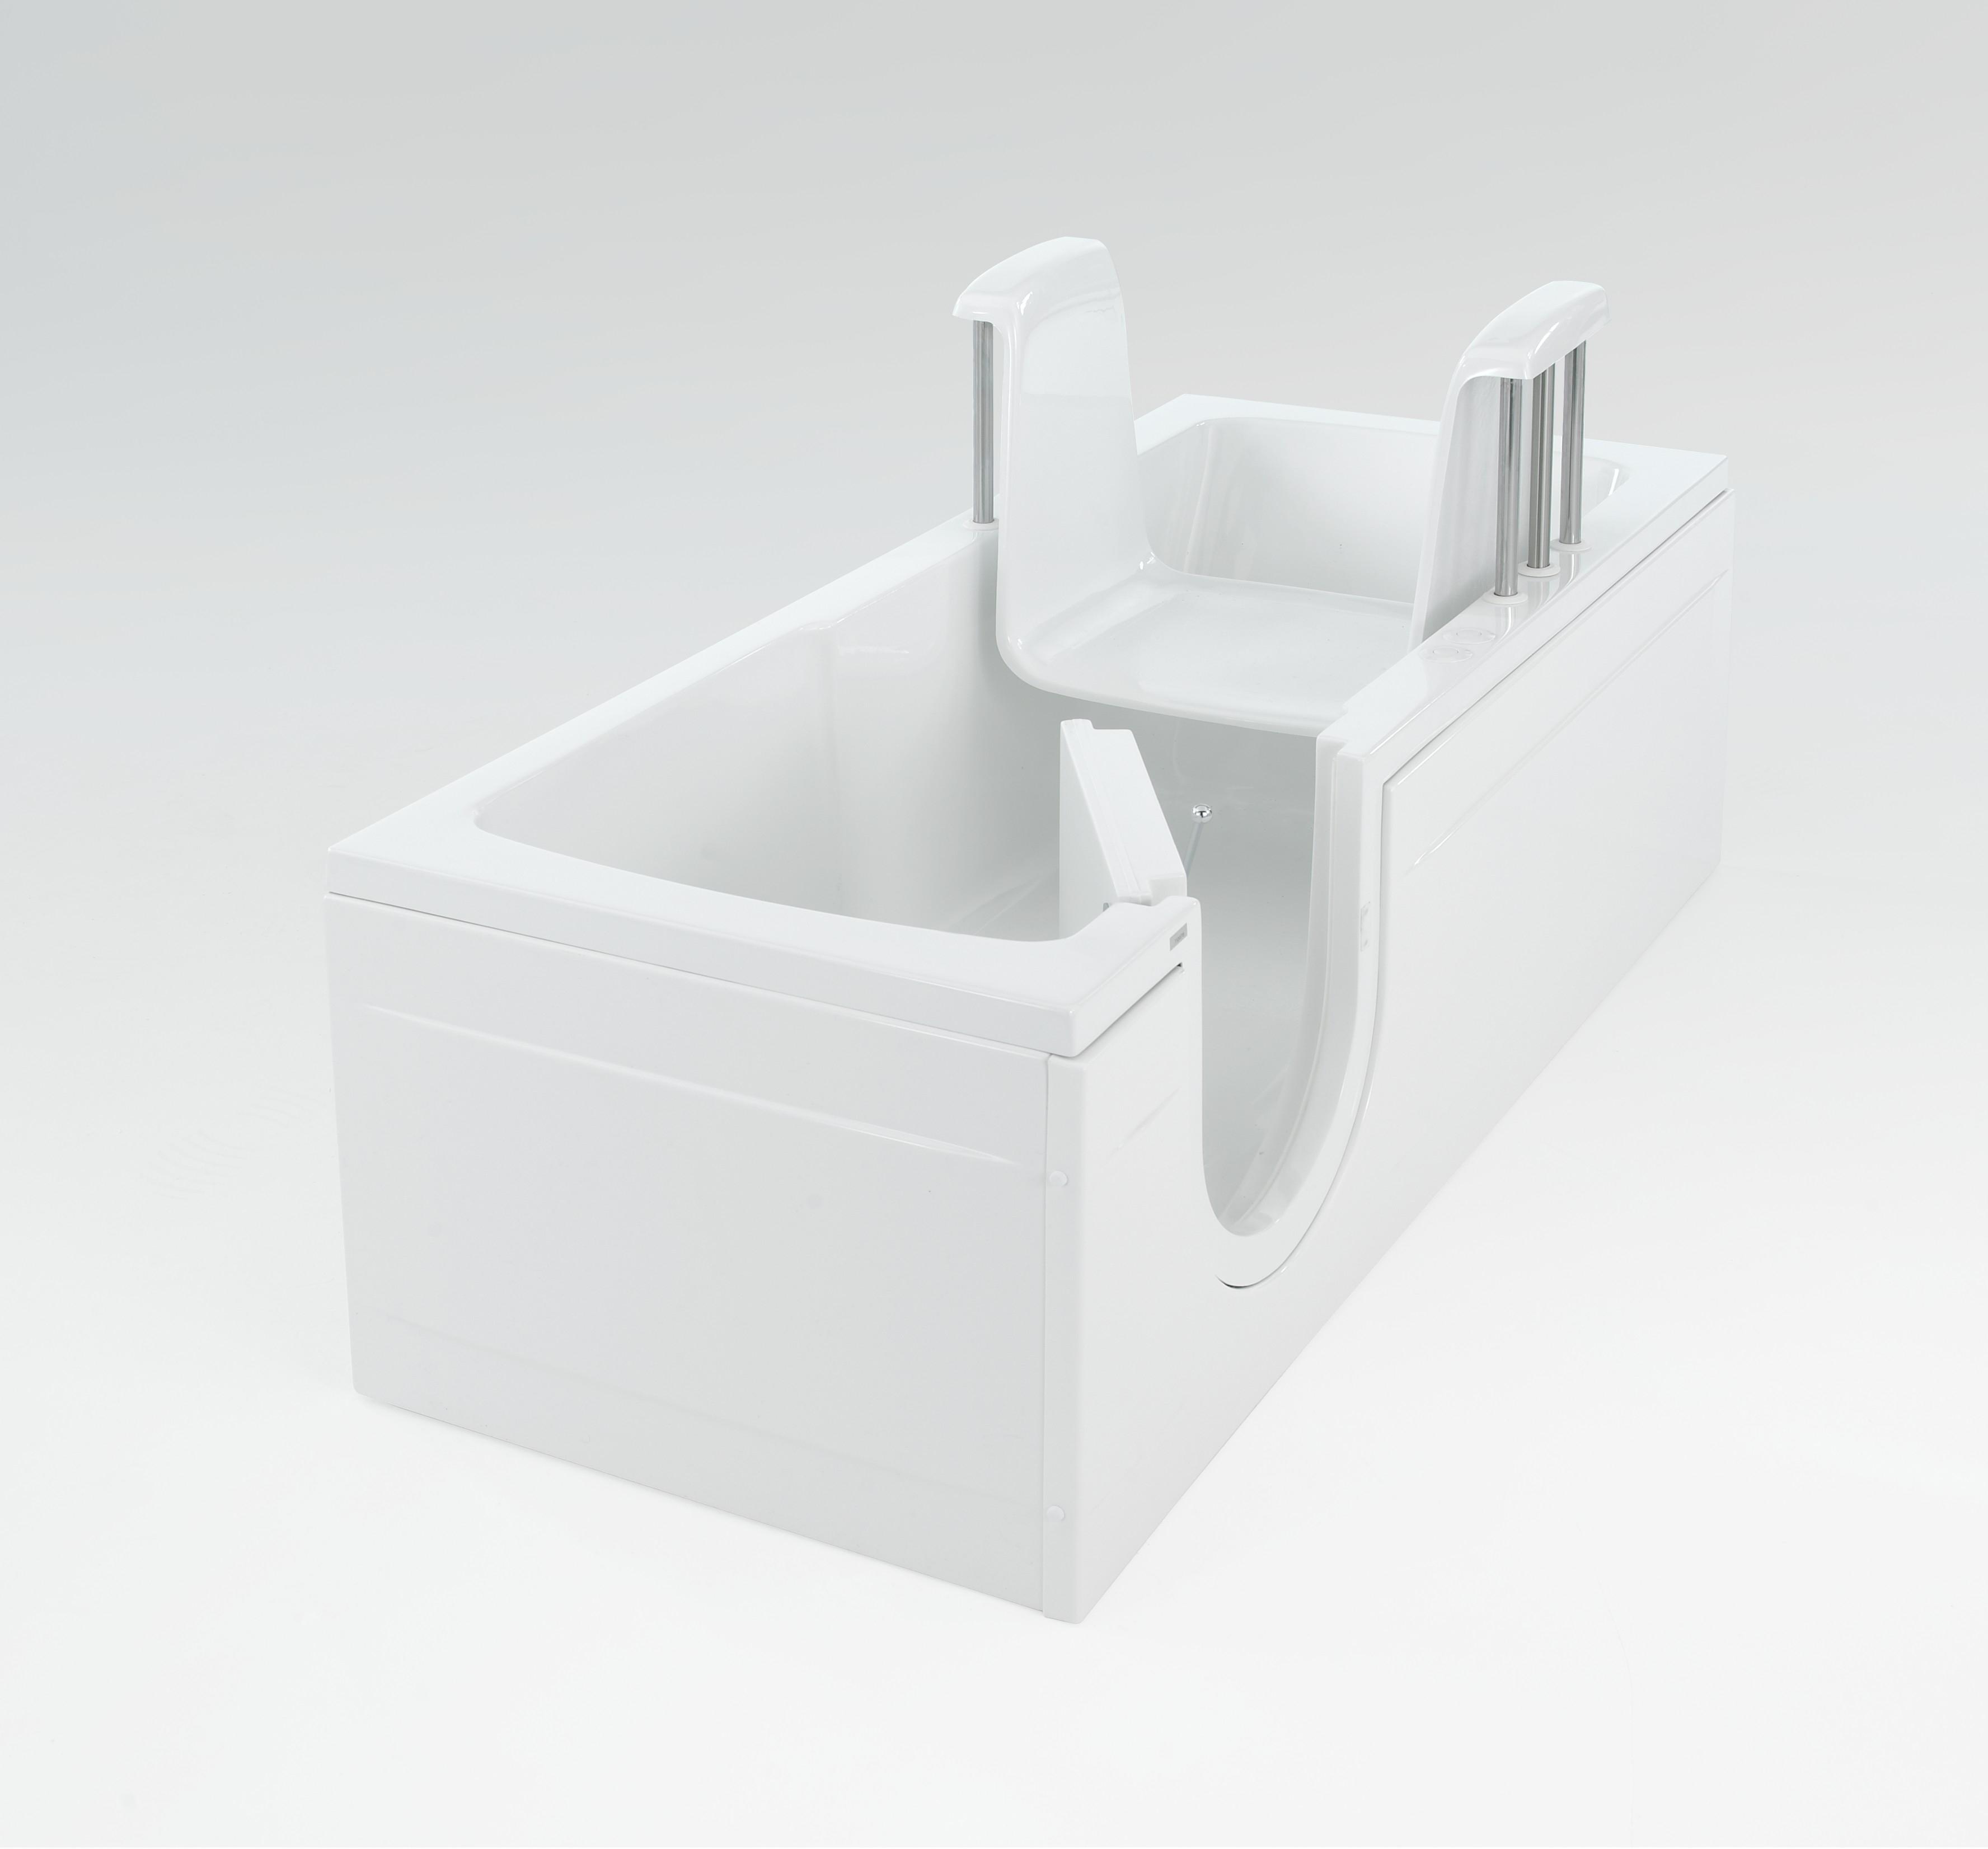 Aide Pour Sortir De La Baignoire baignoire cambridge plus, avec siège élévateur intégré